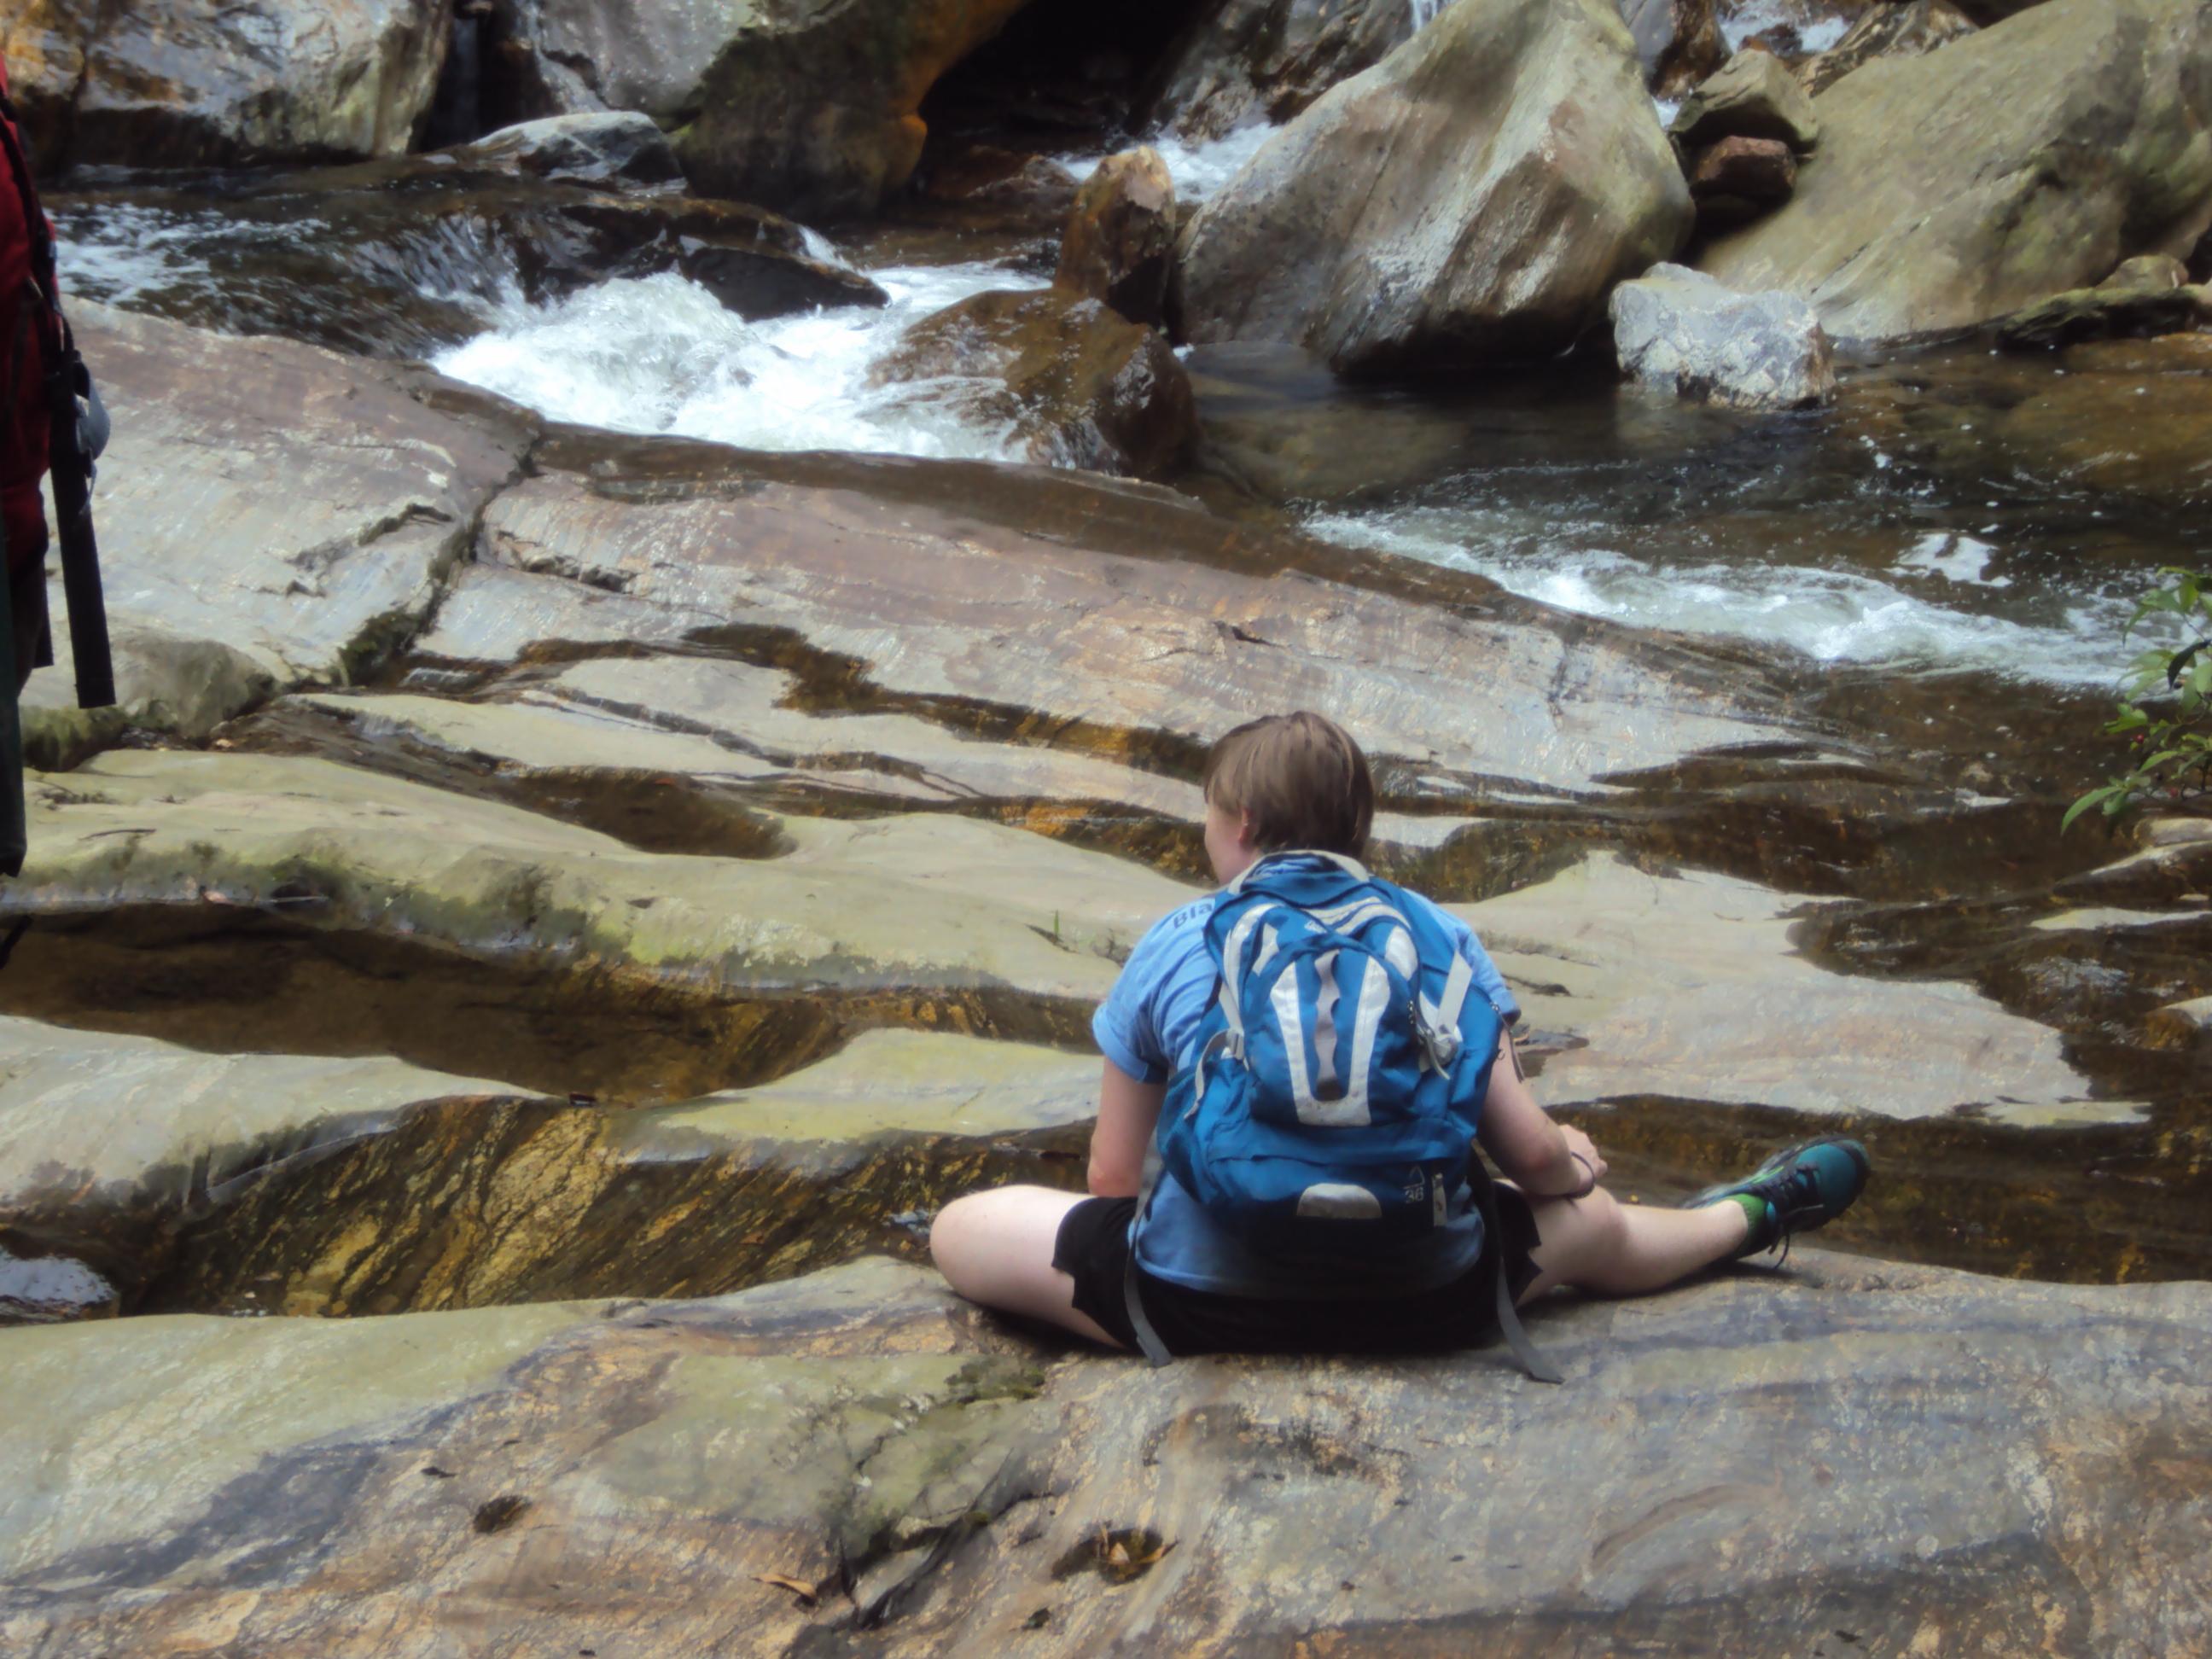 Vale das cachoeiras novembro 2014 062.jpg